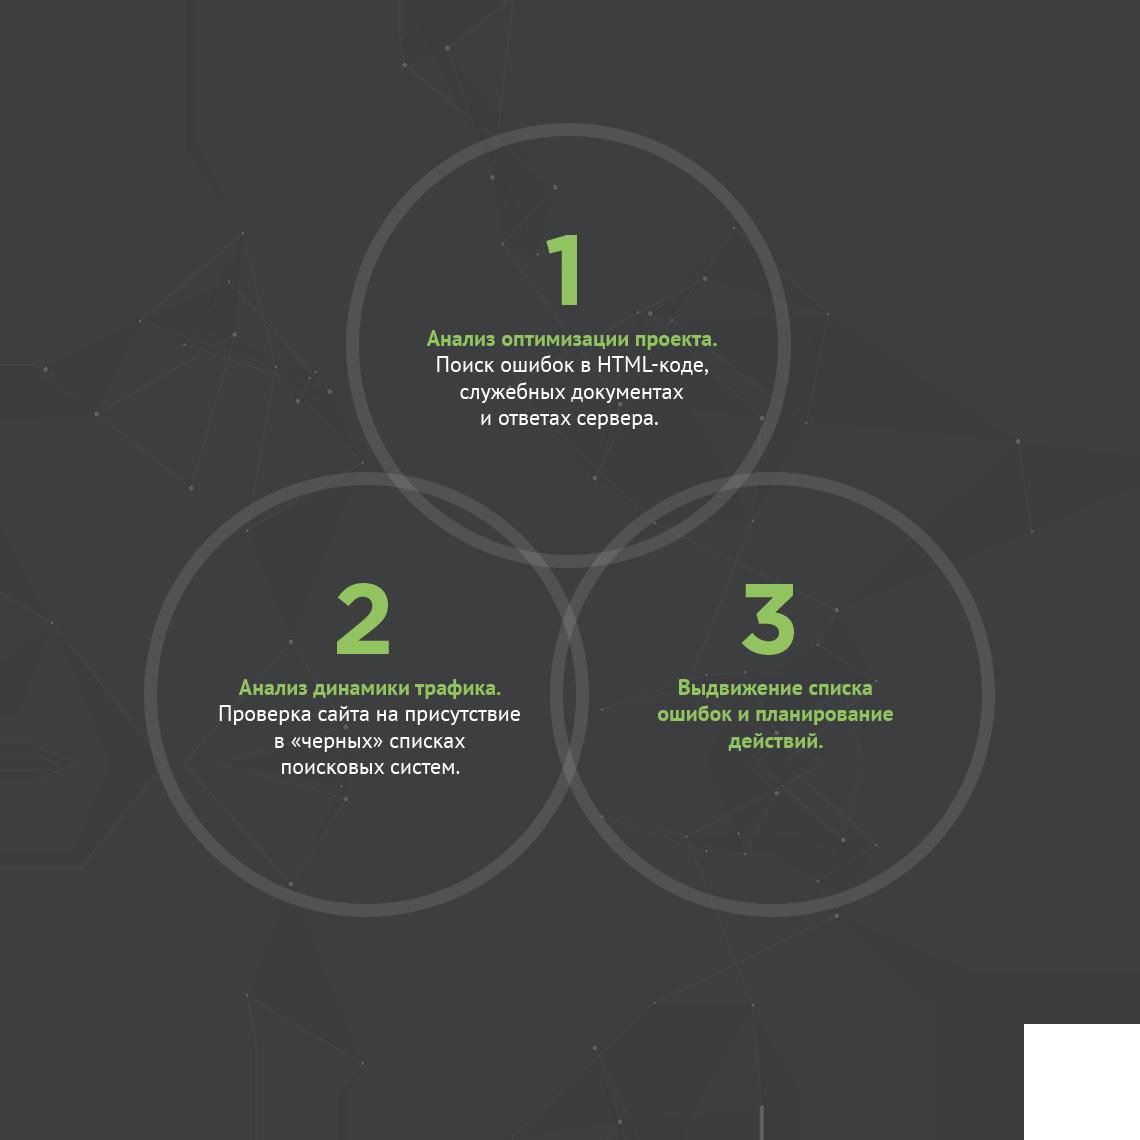 Бесплатные 3 этапа технологического аудита перед продажей услуги: анализ кода, трафика сайта и описание ошибок.